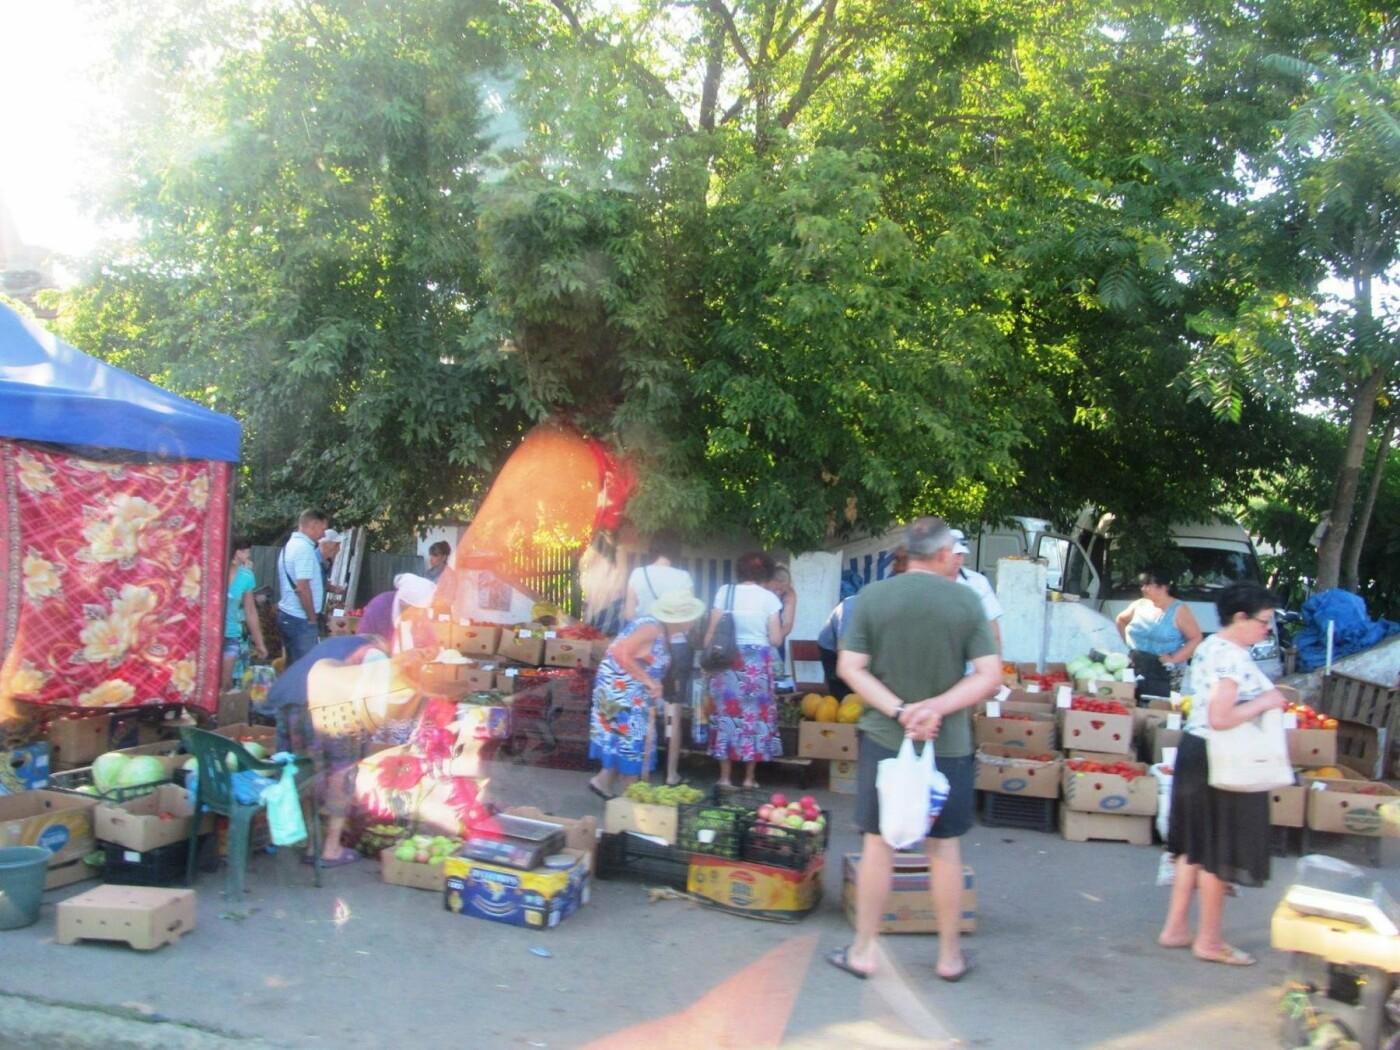 Базар-вокзал в Кривом Роге: Горожане предложили упорядочить стихийный рынок на Долгинцево, - ФОТО, фото-10